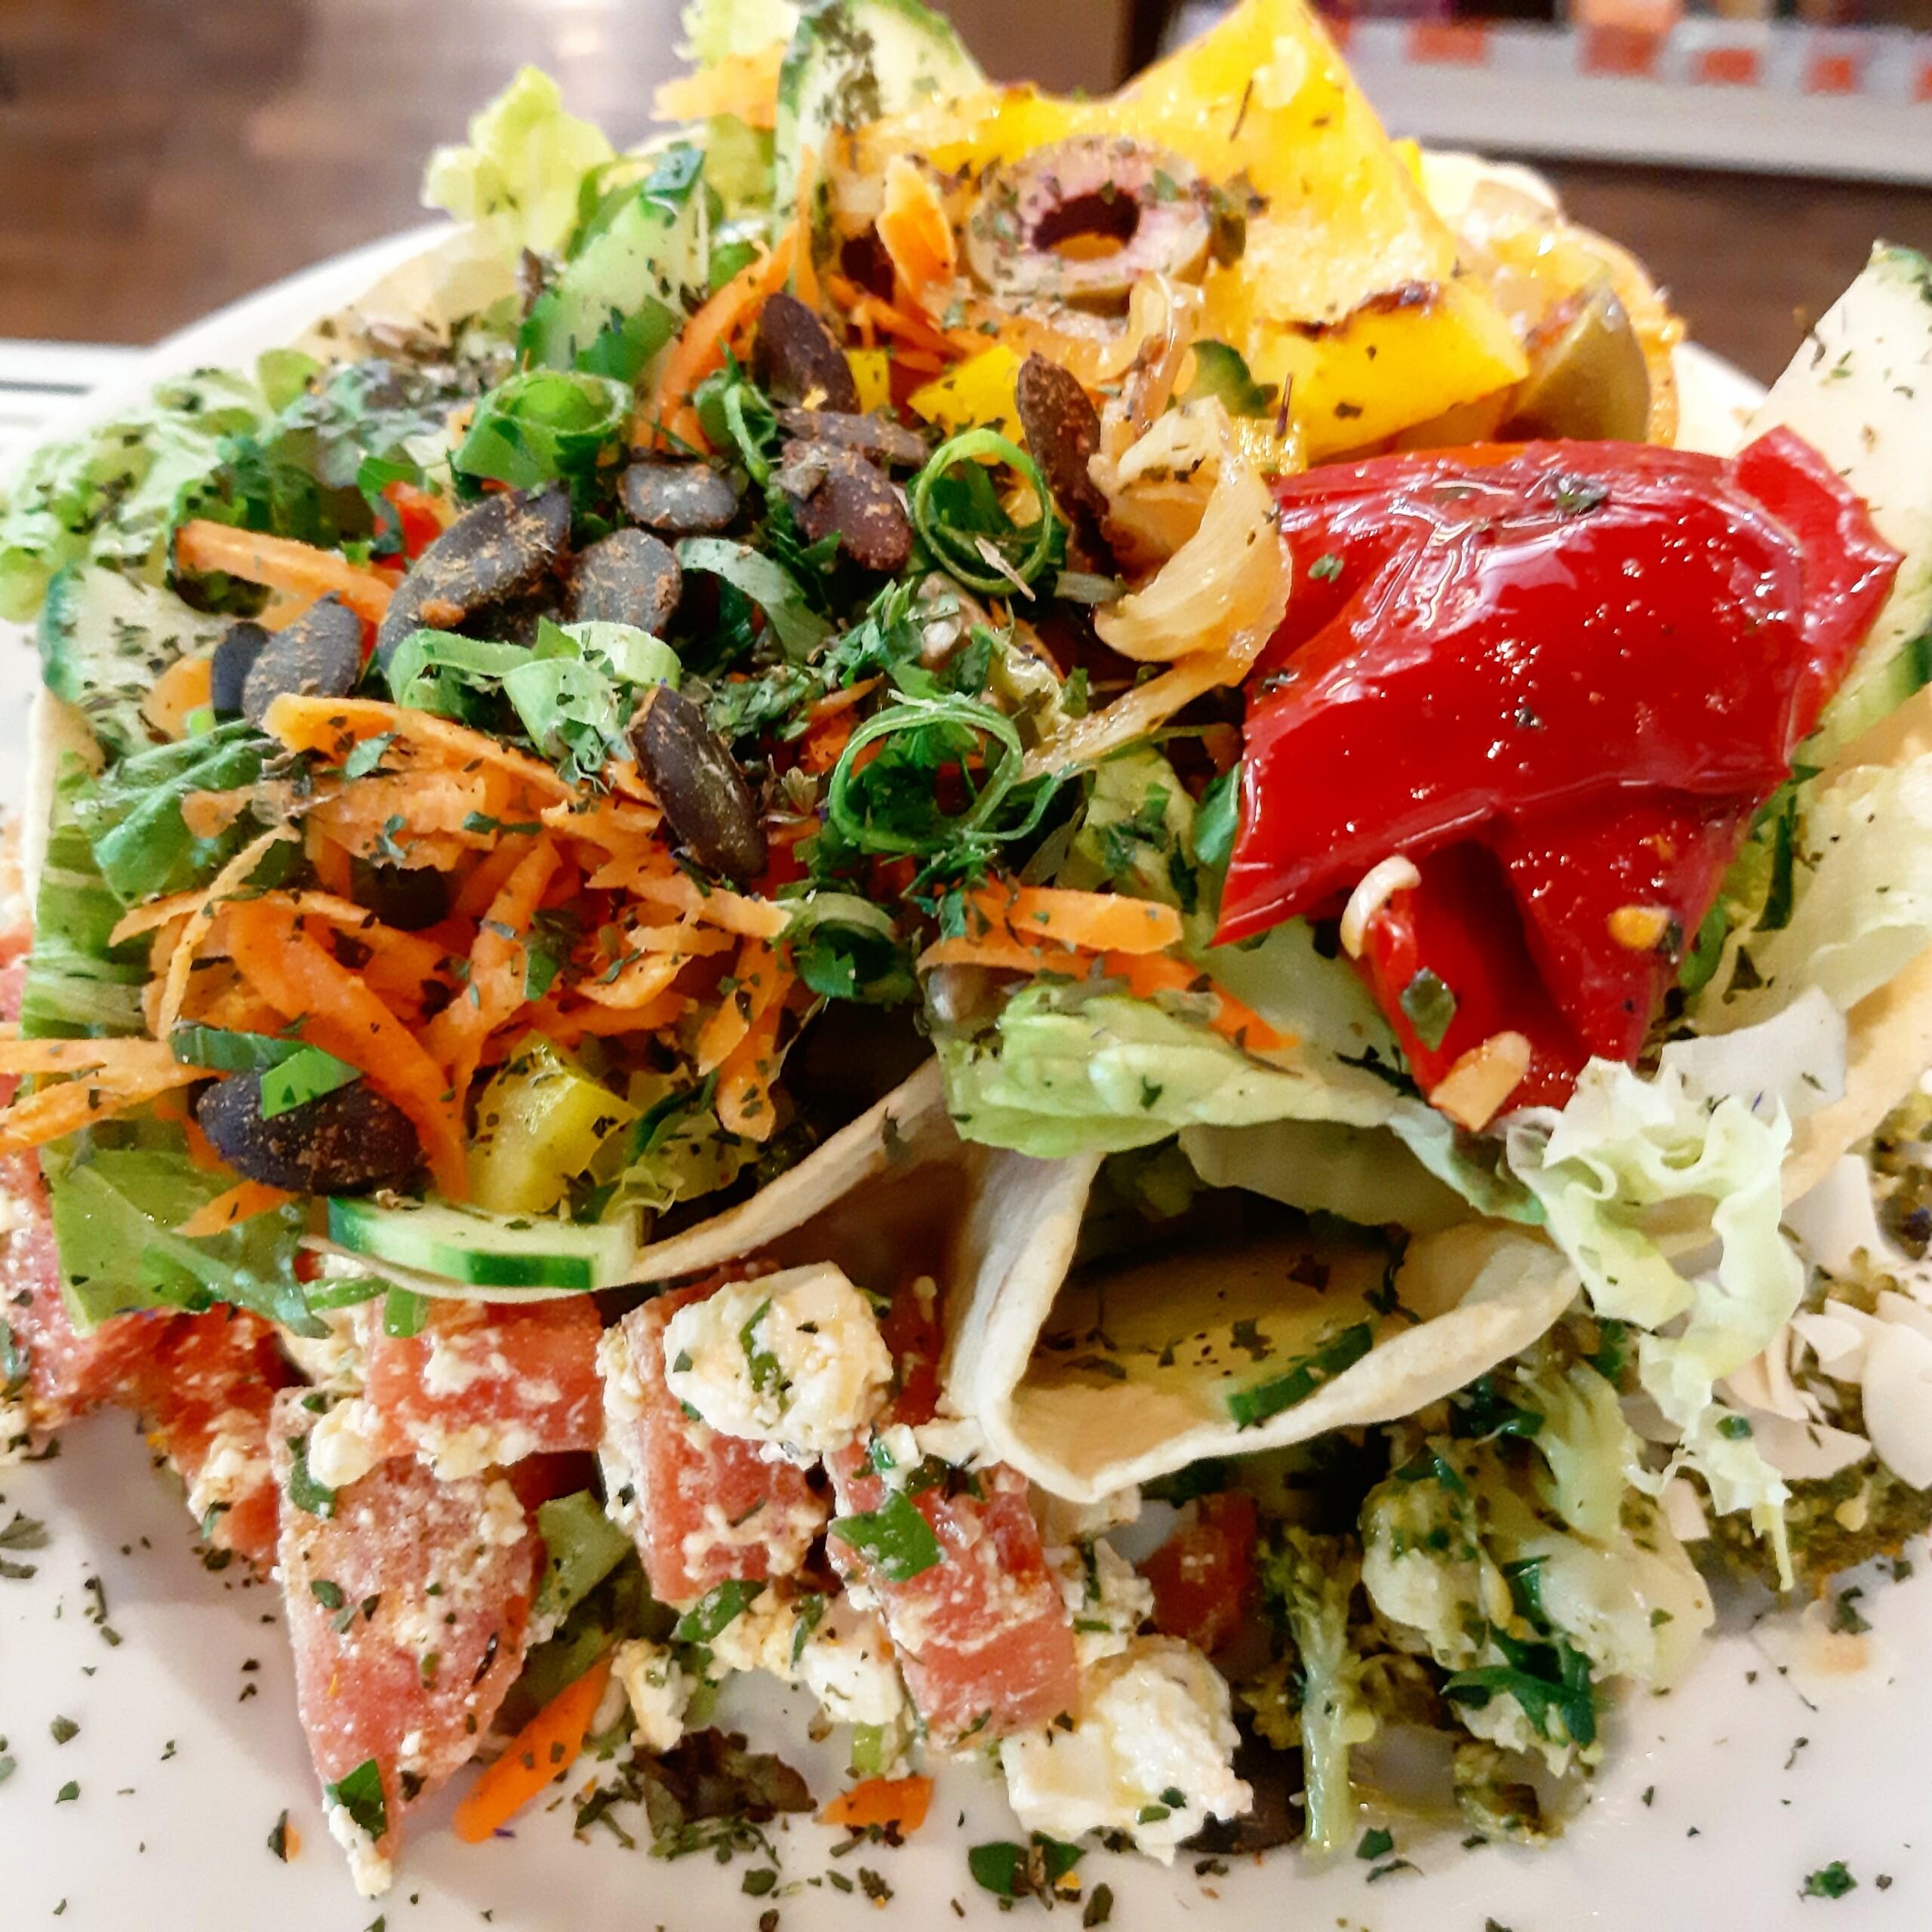 Bio-Salatteller - Mittagstisch Mittagessen Biodelikat Bad Tölz